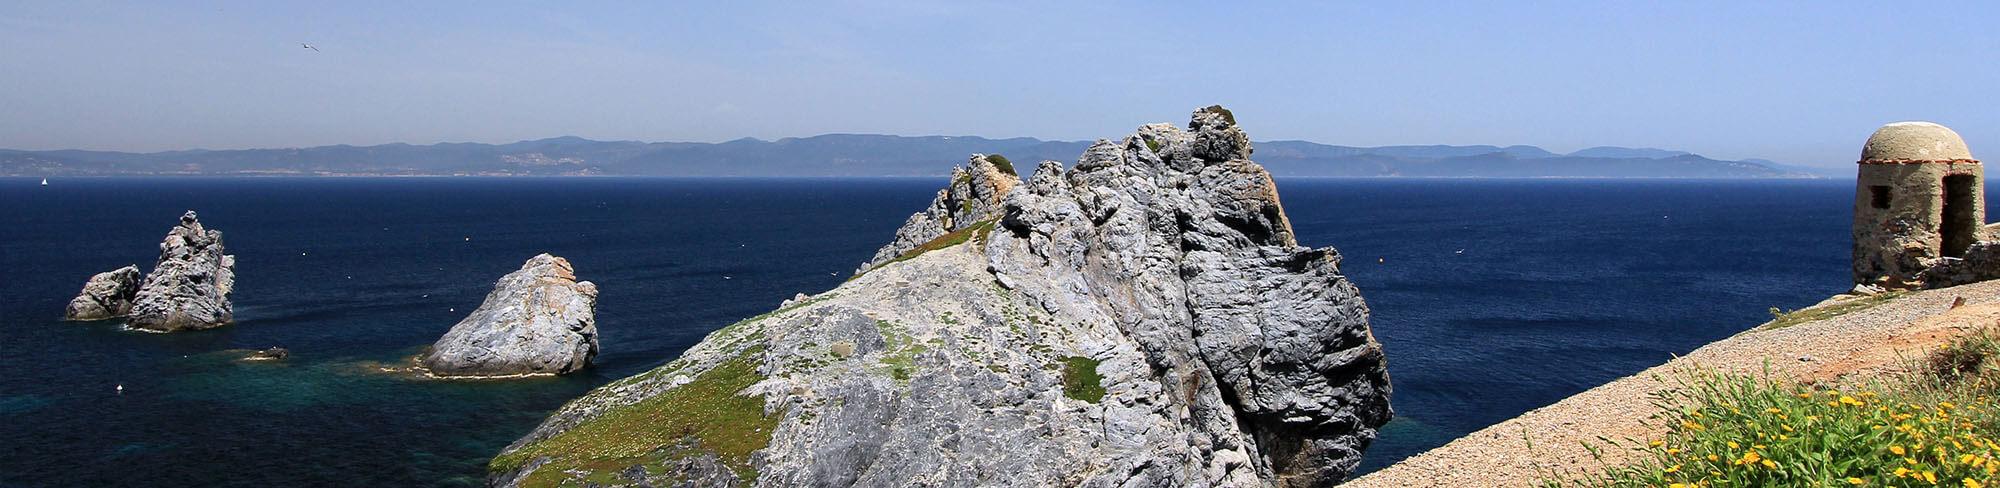 Plan du site Vacances Giens, 4 campings sur la presqu'île de Giens pour assouvir toutes vos envies de vacances en Provence dans le Var en France.